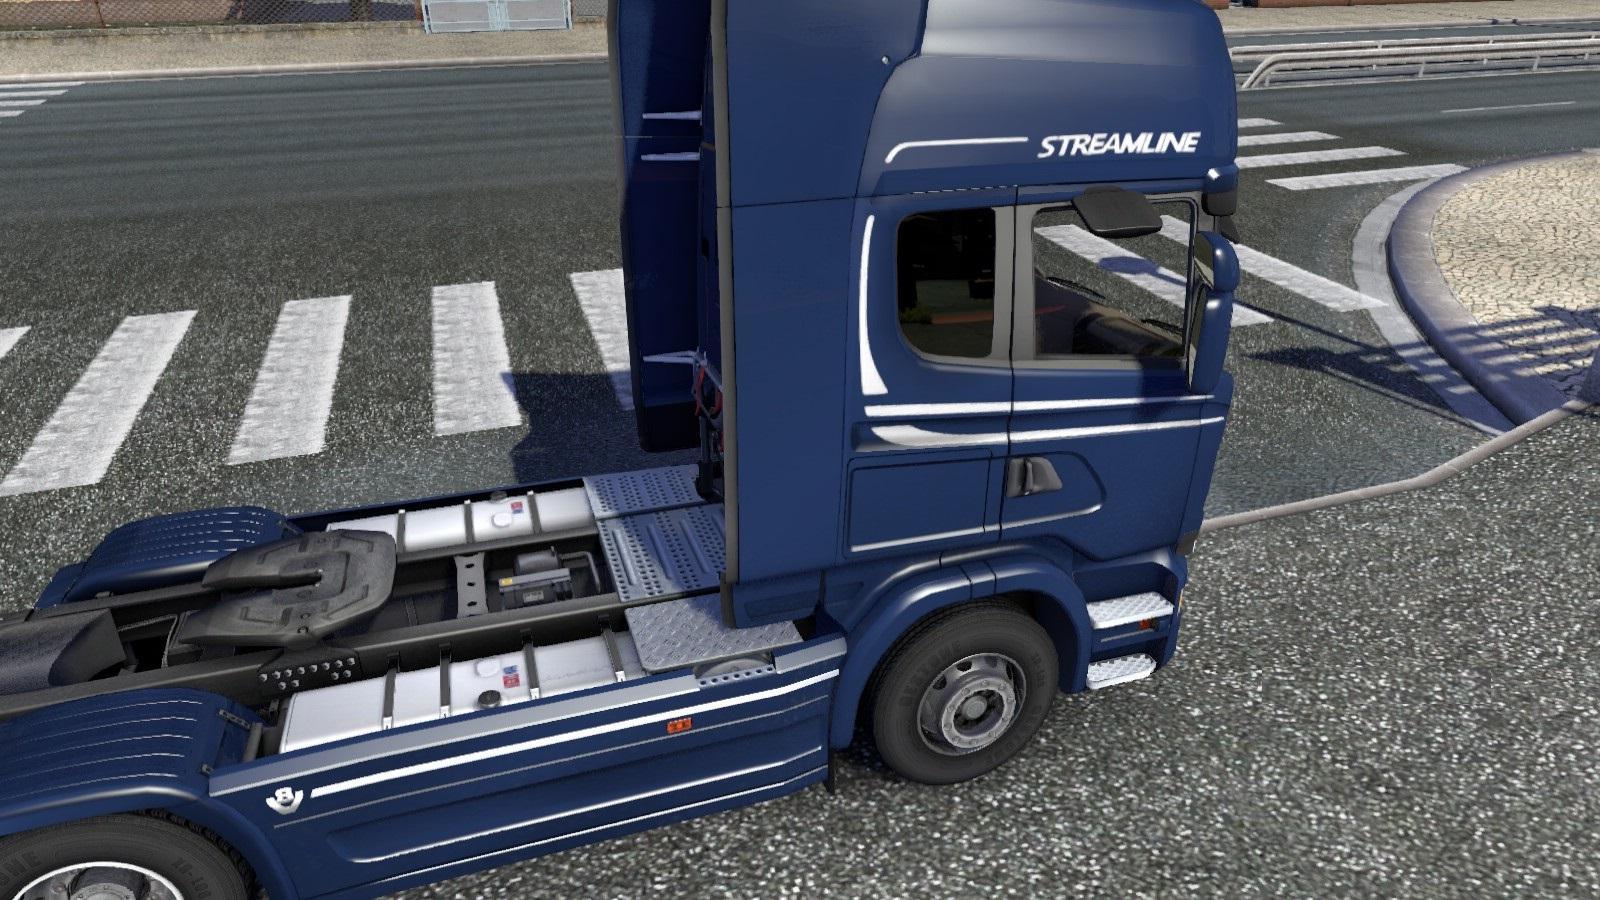 Volvo fh16 2012 dark window sleeper for ets 2